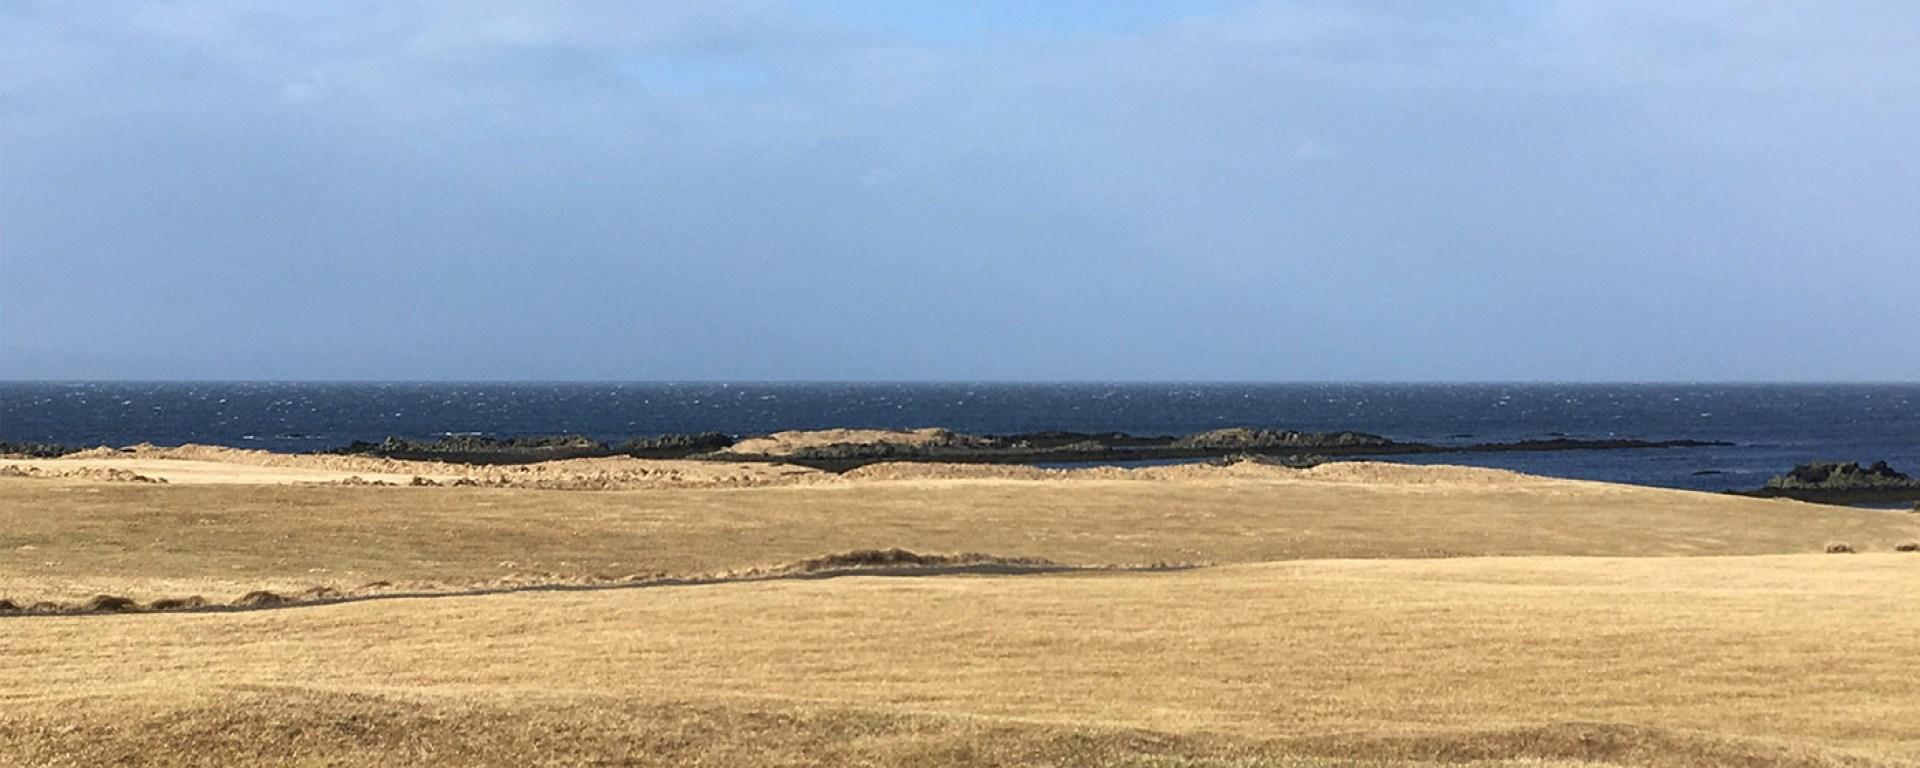 Halbinsel Vatnsnes Islands Norden Roadtrip Island gindeslebens.com © Thomas Mussbacher und Ines Erlacher